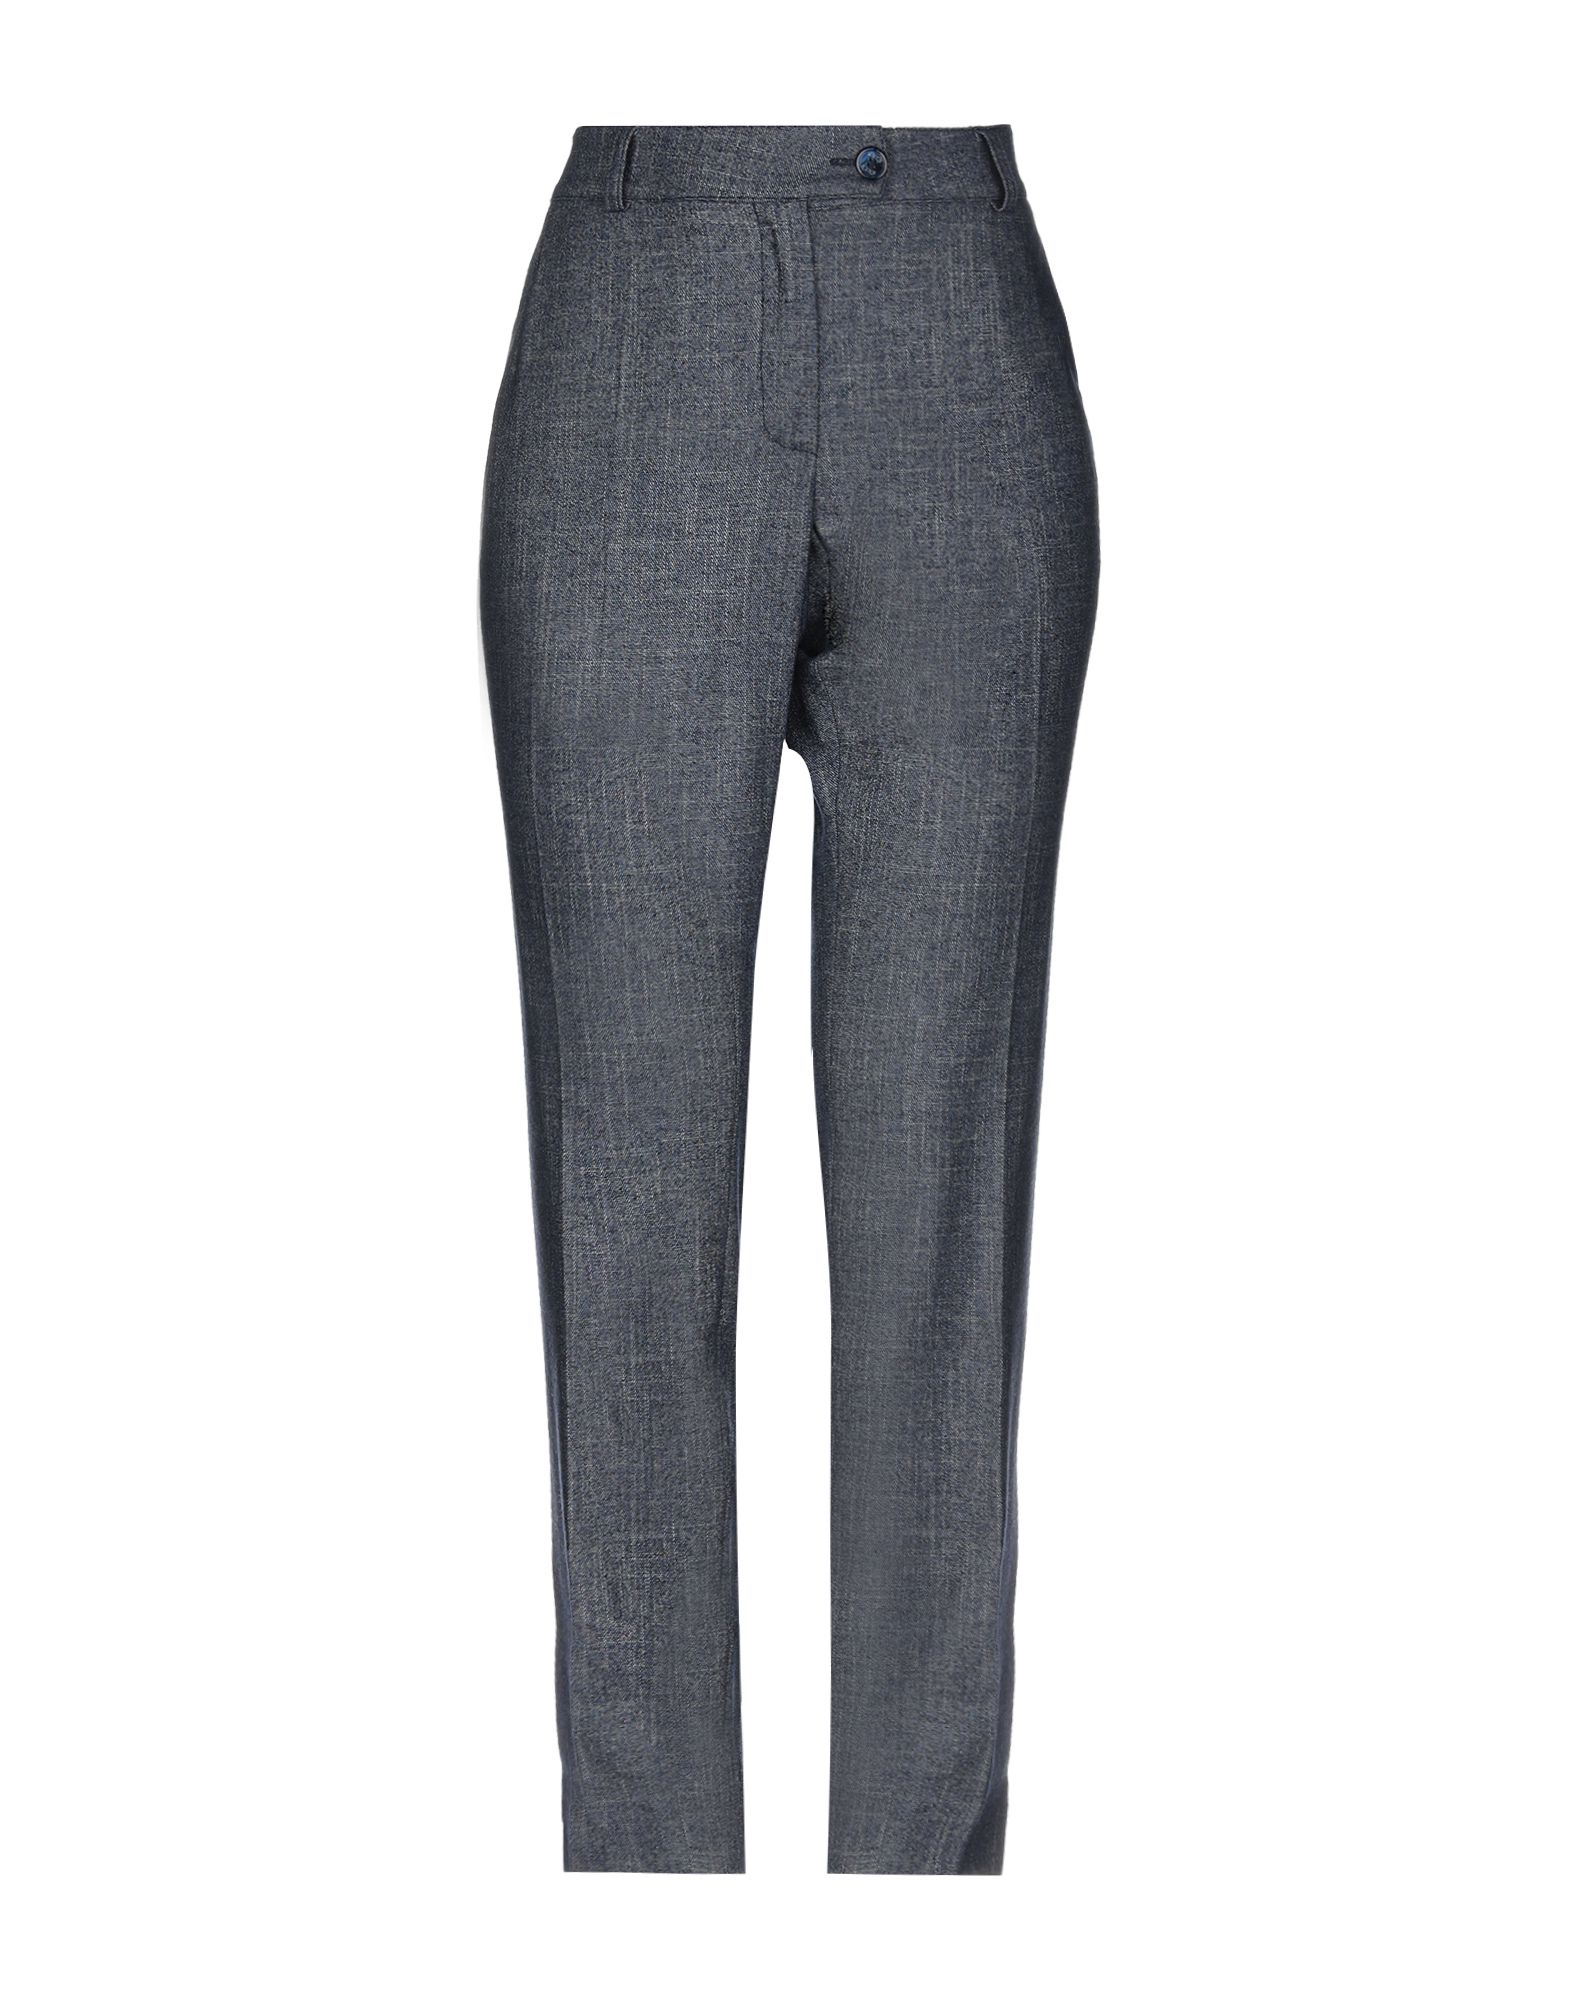 MAISON COMMON Повседневные брюки maison common брюки капри